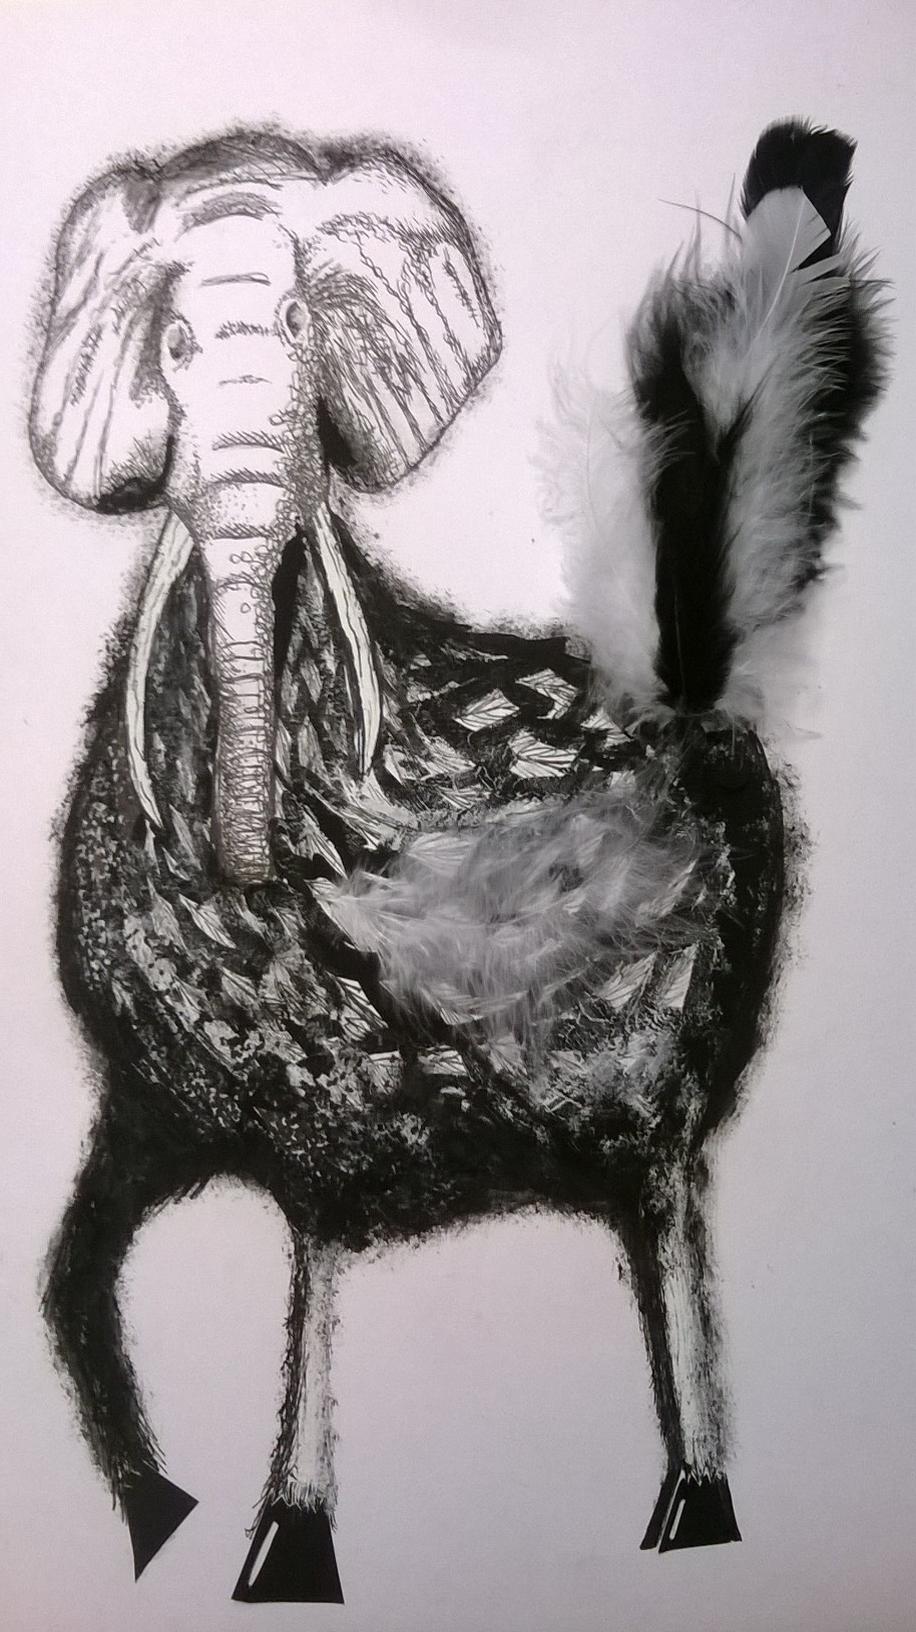 Art Plastique Chimere En Collages Gouache Dessin C Cecile Jacquin Porretaz Art Moose Art Digital Art